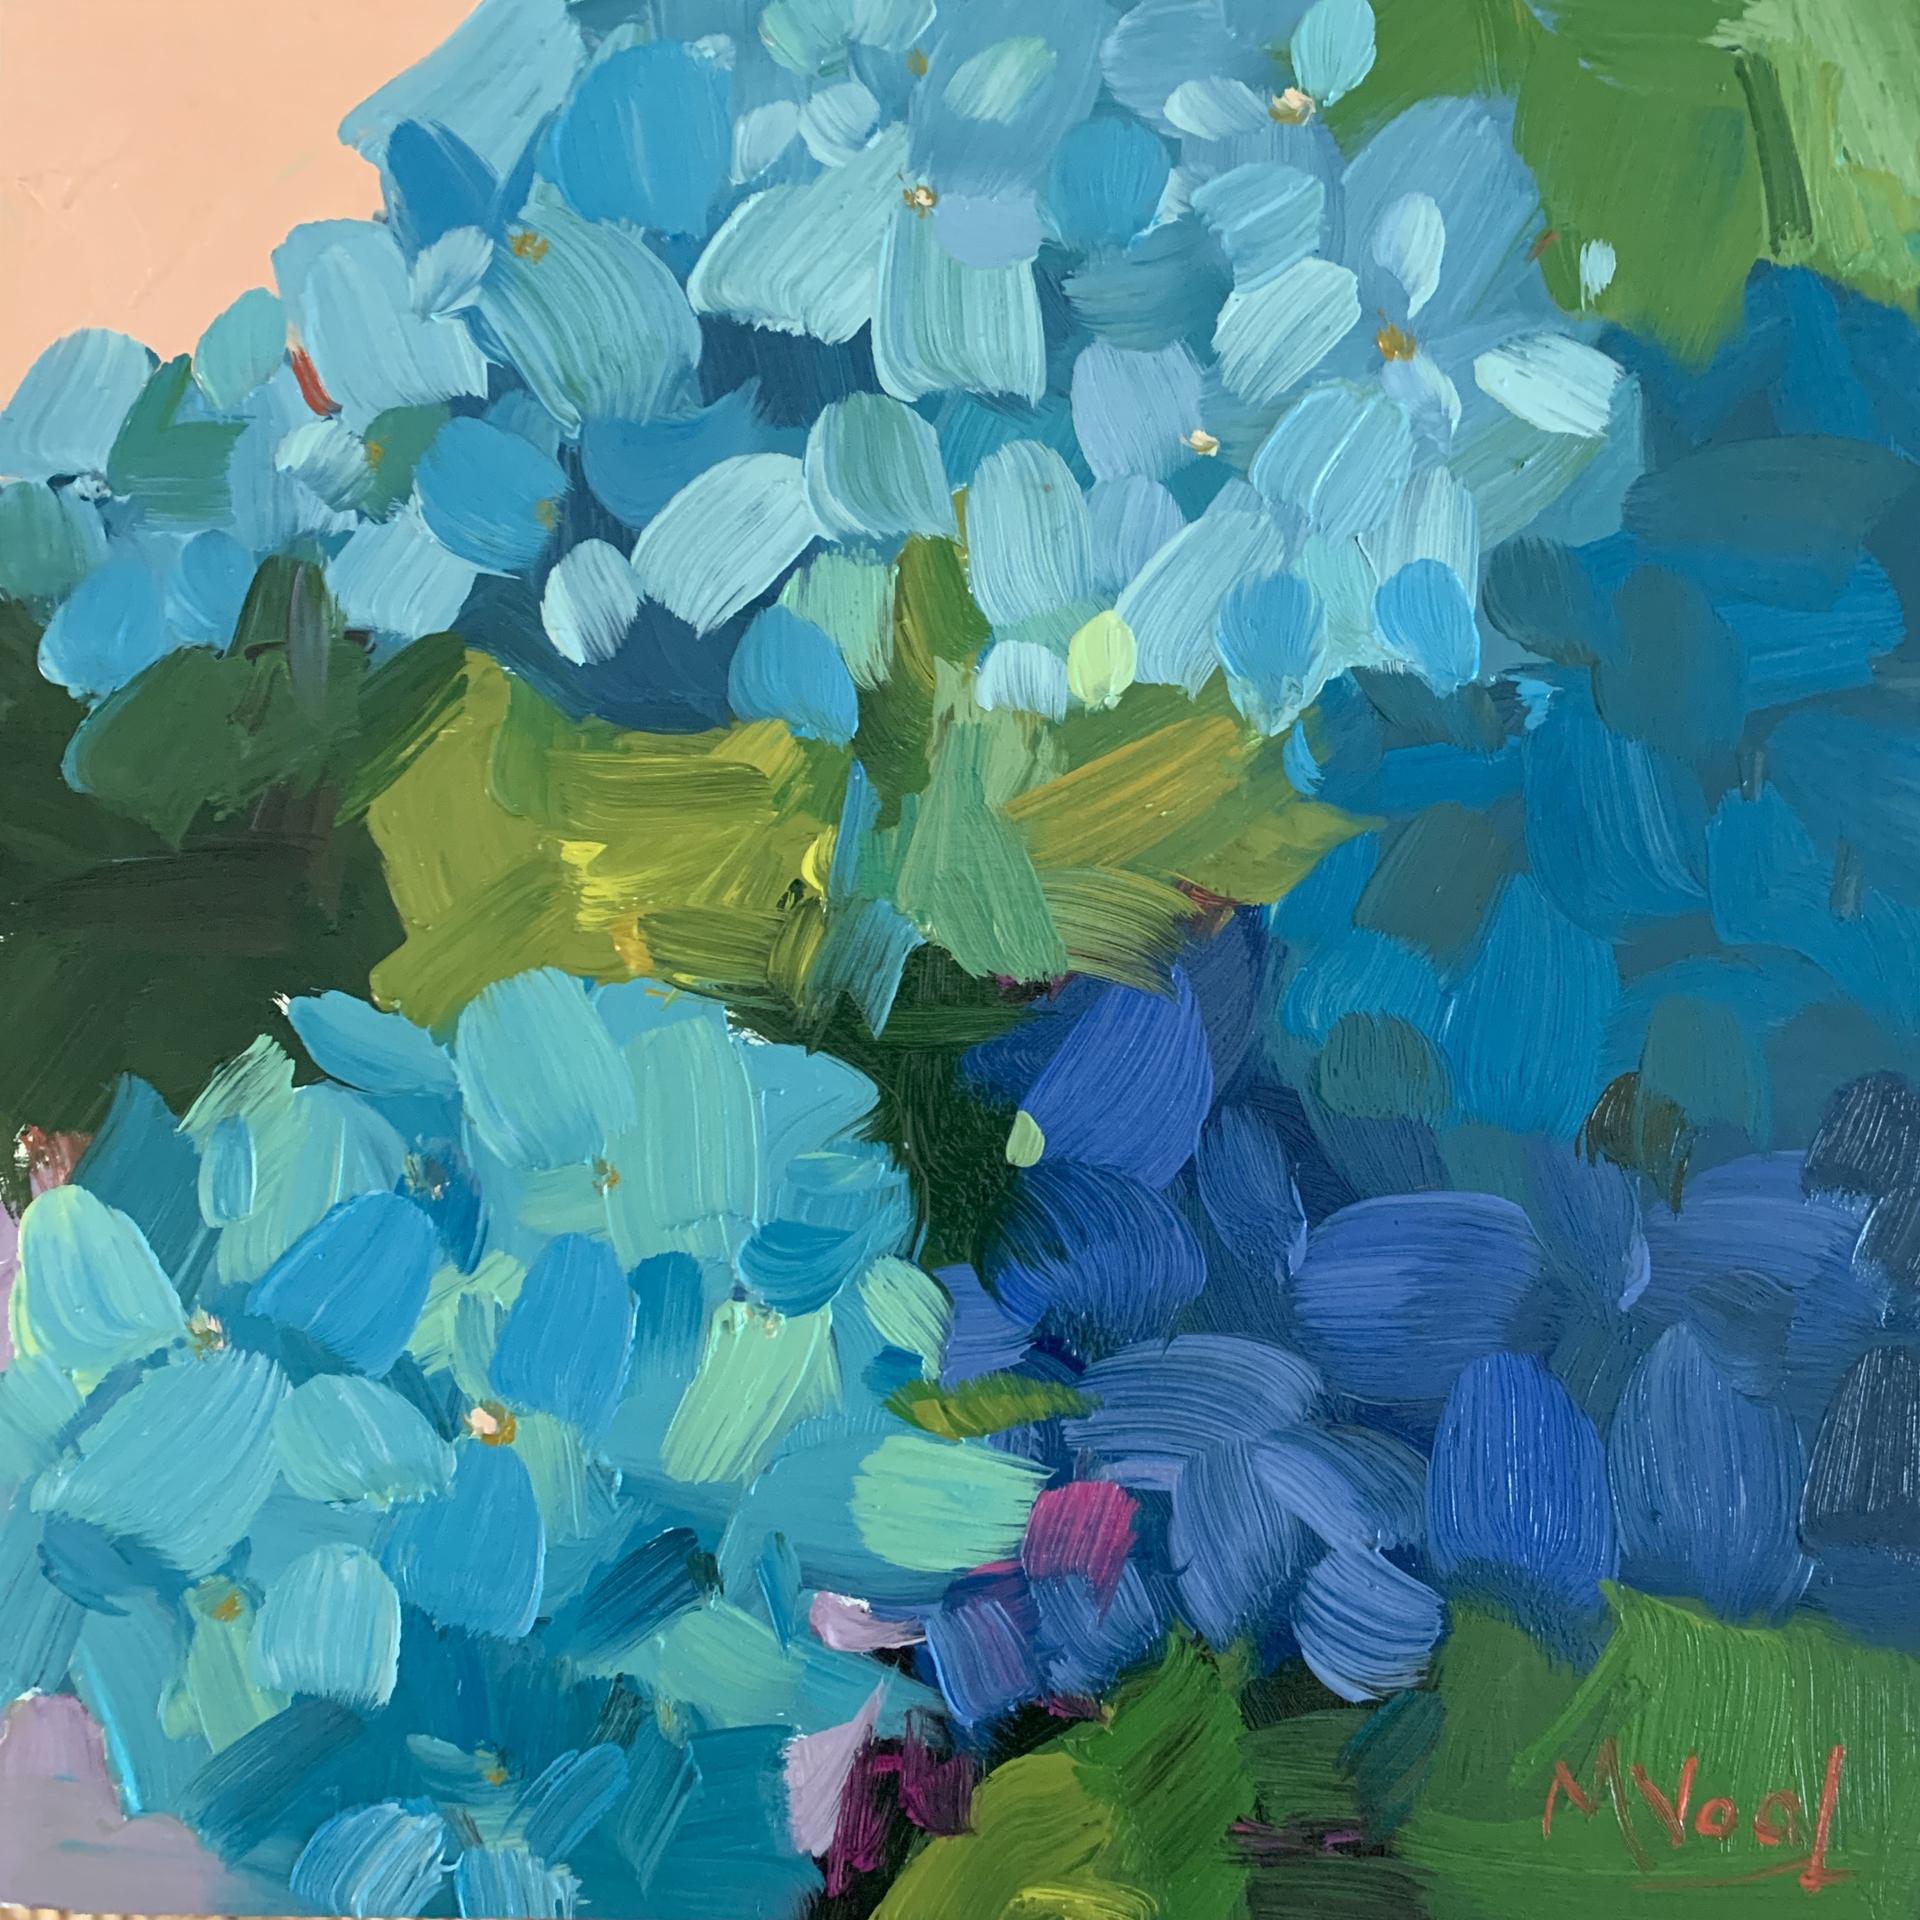 Hydrangea III by Marissa Vogl